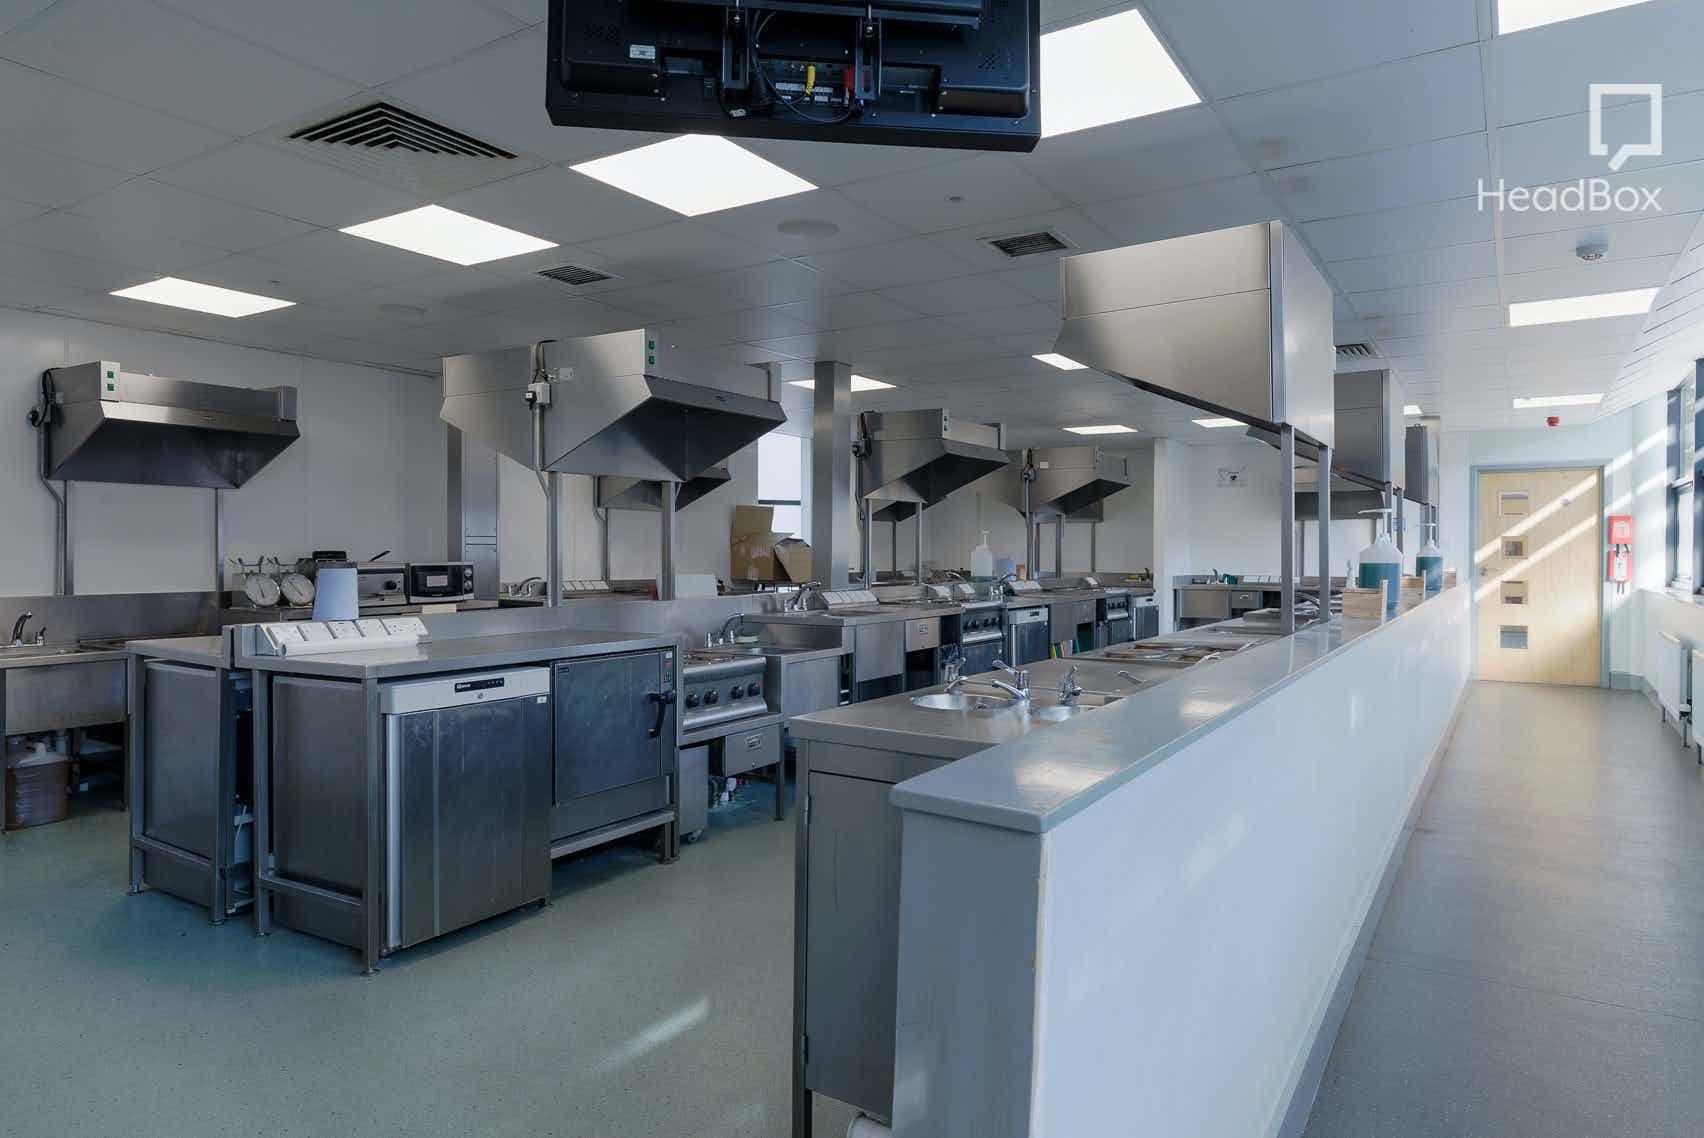 Evening, Kitchen 1, Open Kitchen